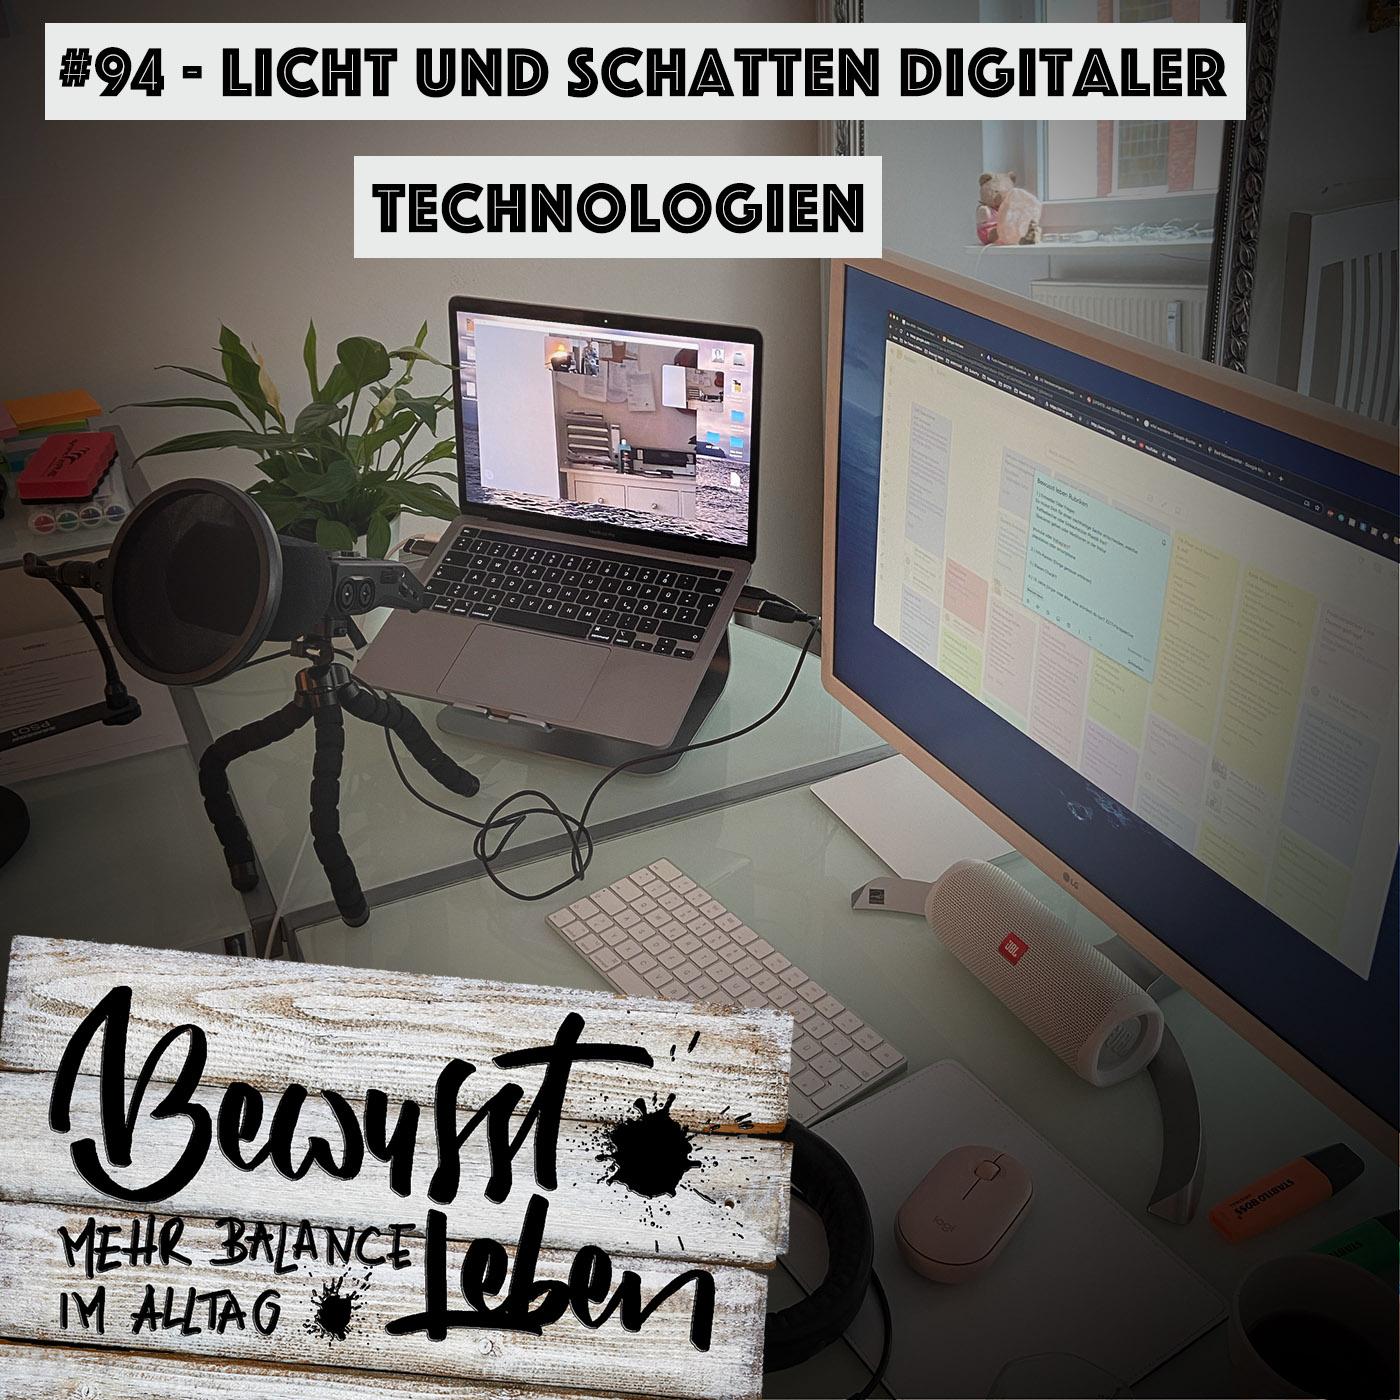 Licht und Schatten digitaler Technologien